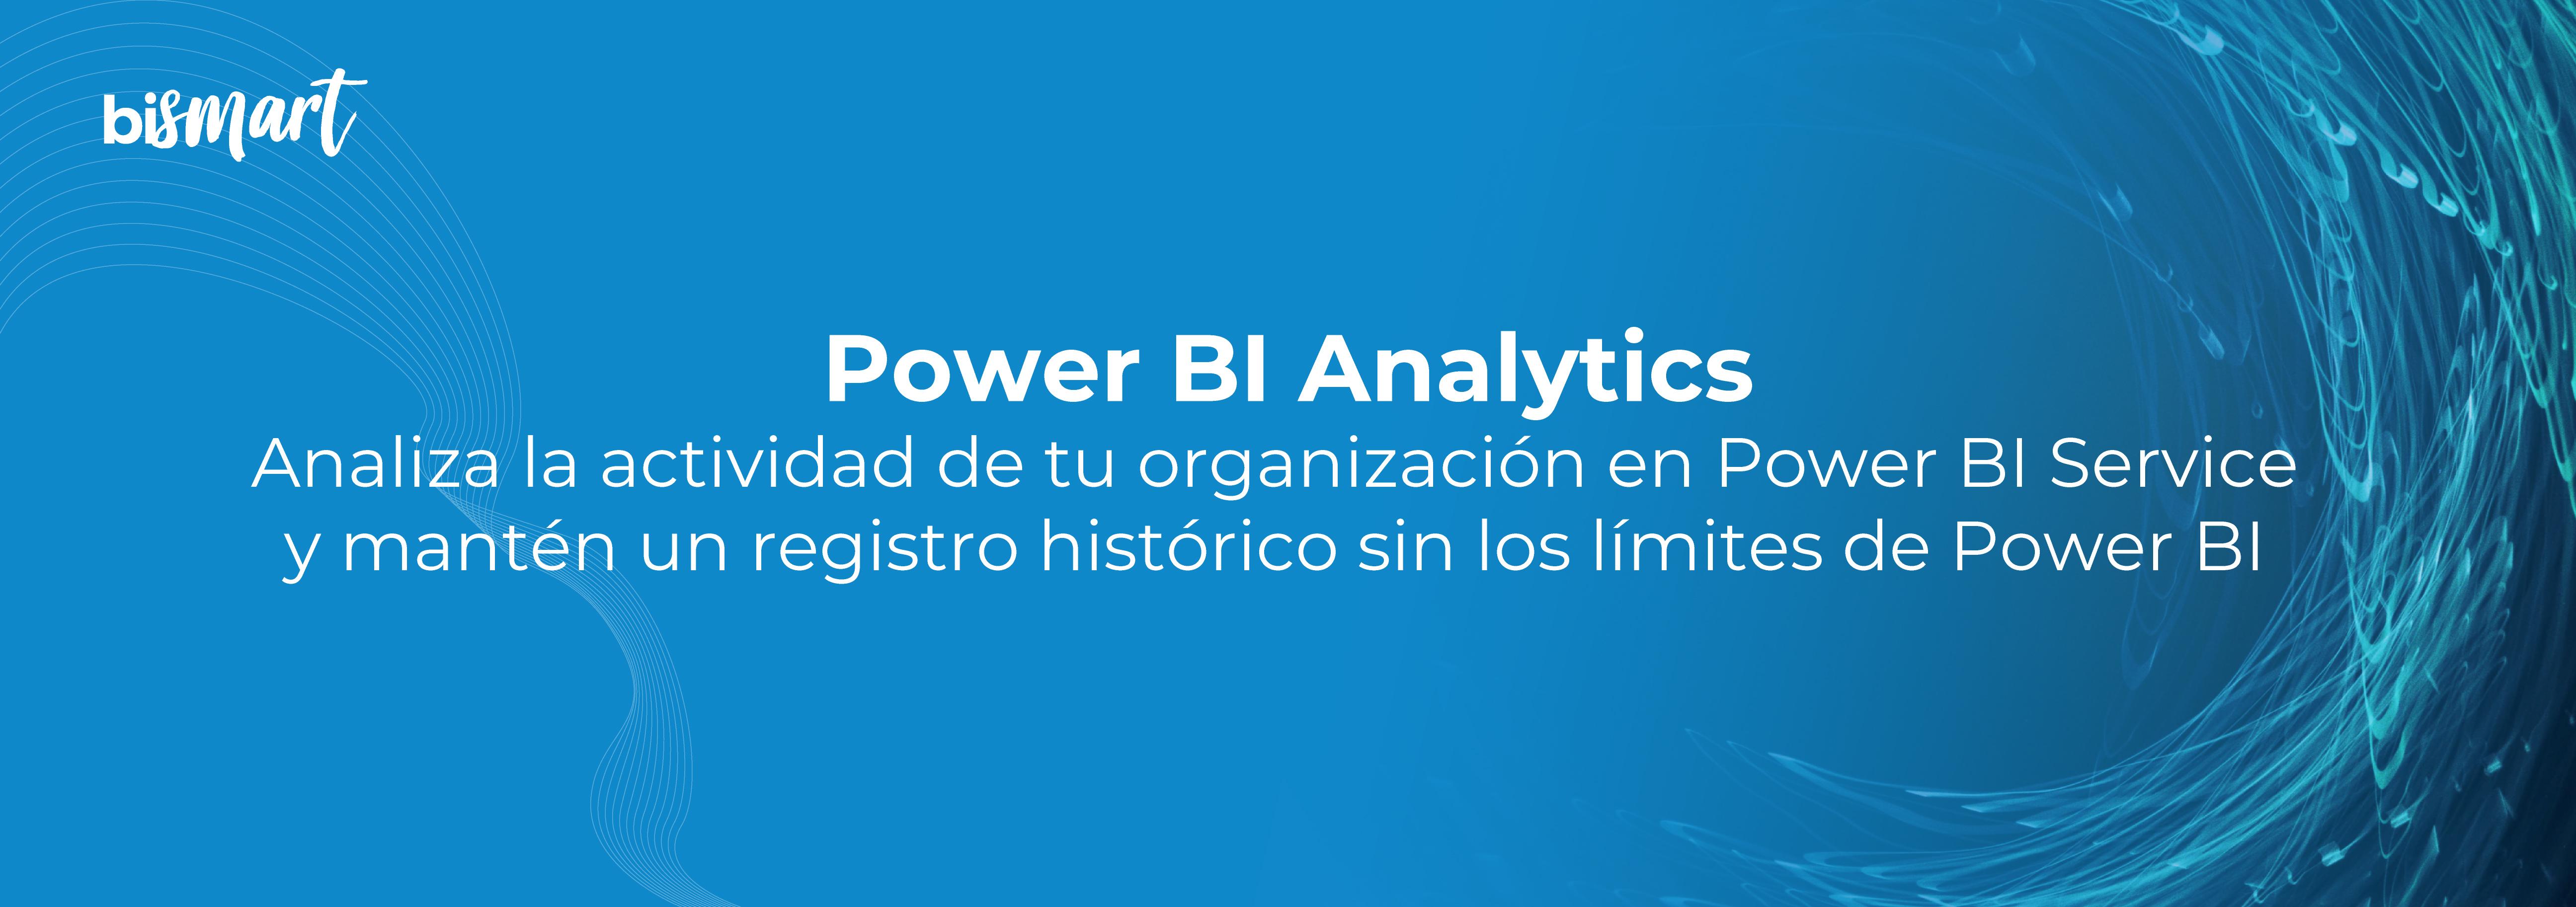 PowerBI-Analytics-01-1